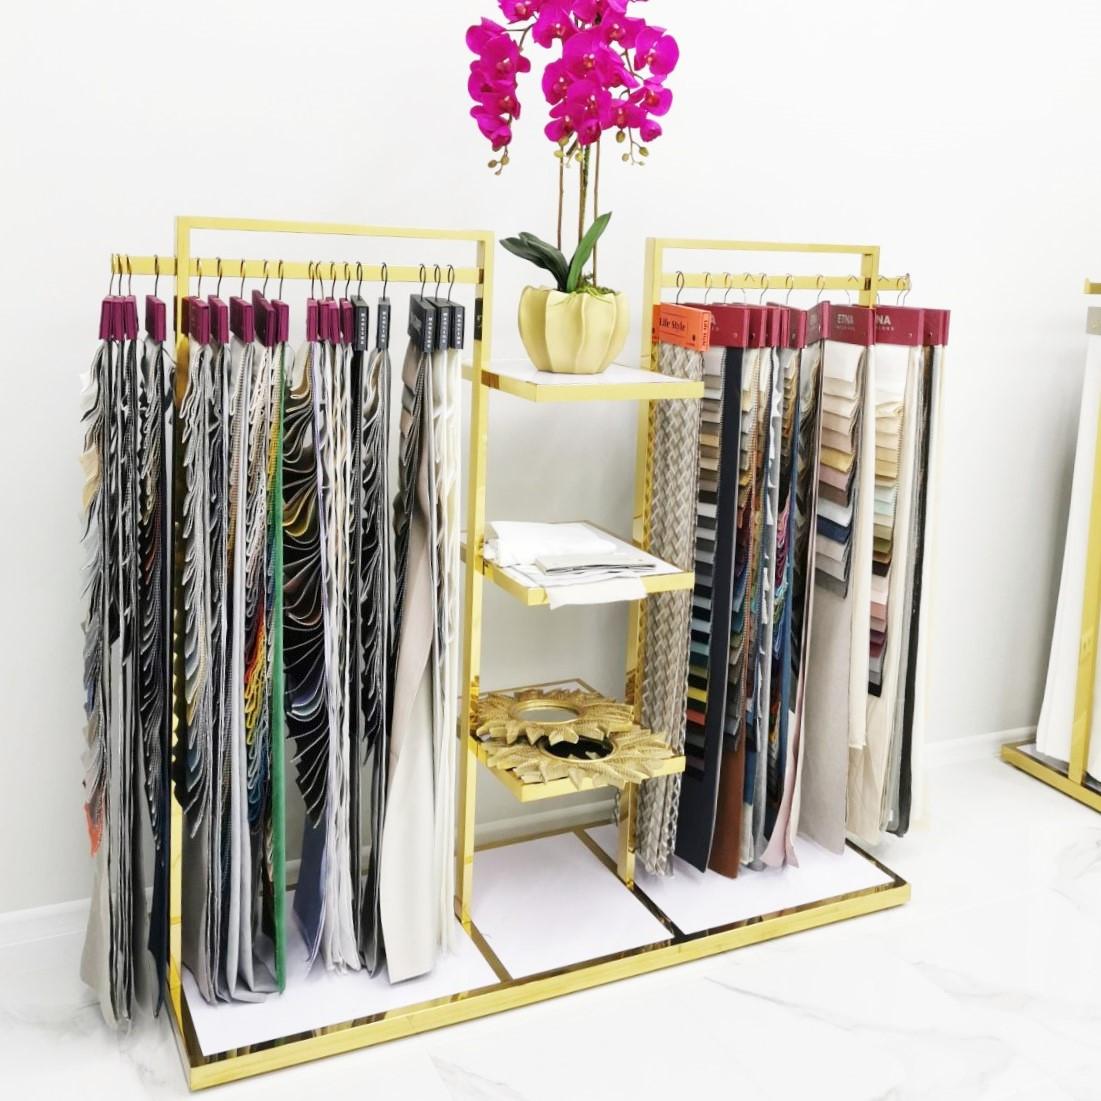 Вешалка стойка золотоая напольная для одежды с полками, торговое оборудование для магазина, шоу-рума